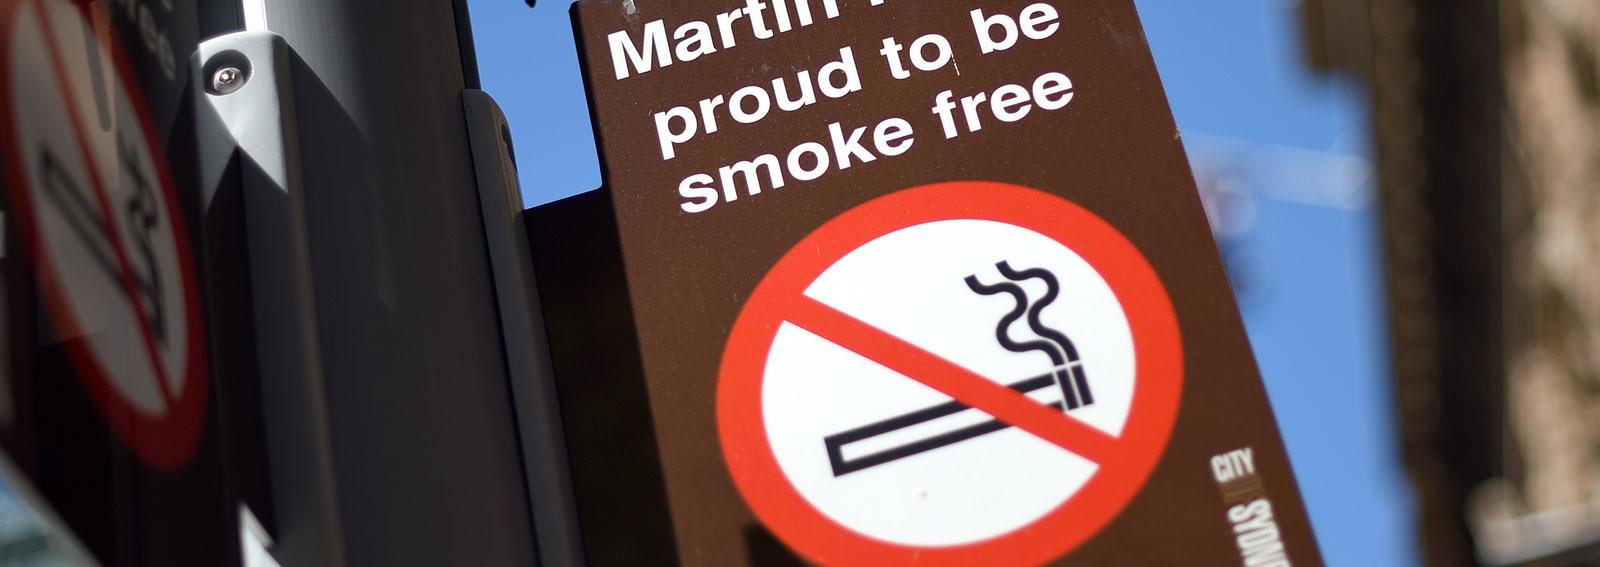 smettere-fumare-getty-desk